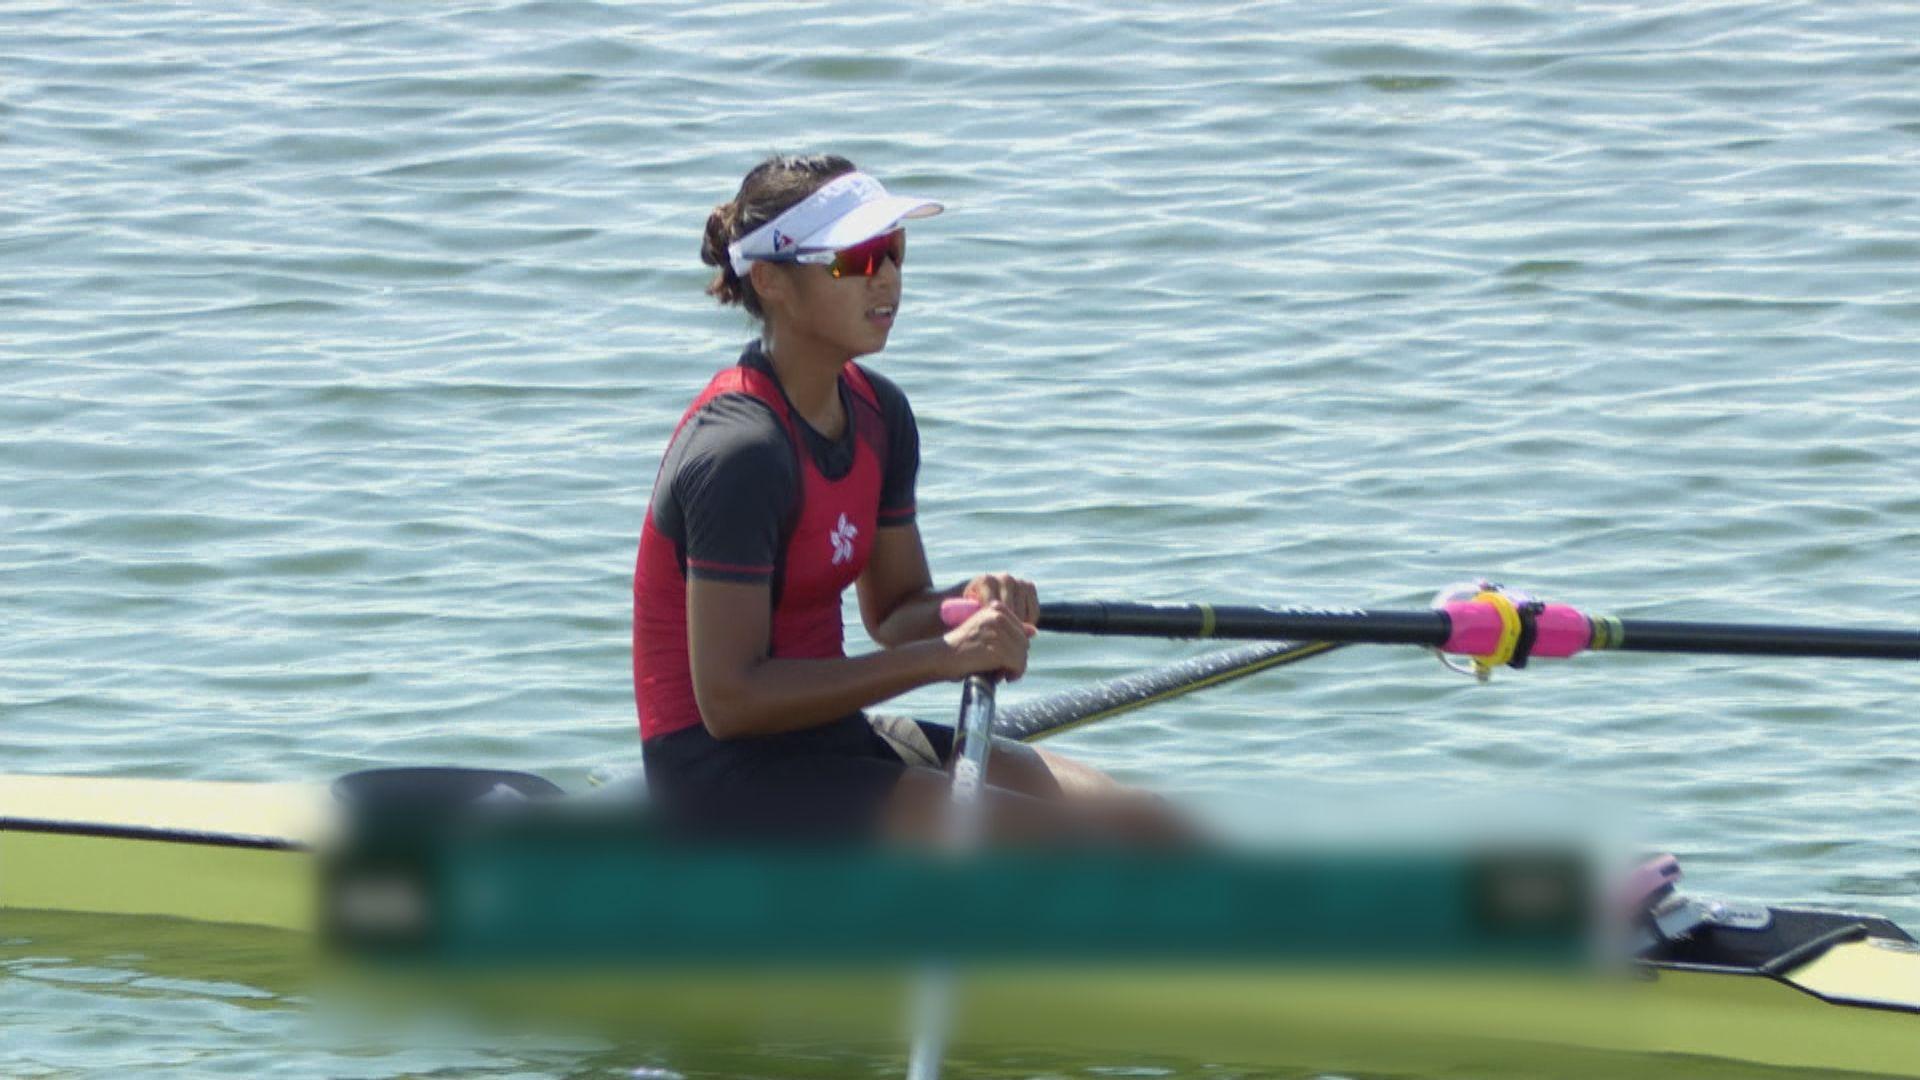 女子單人雙槳賽艇 洪詠甄成功透過復活賽躋身半準決賽